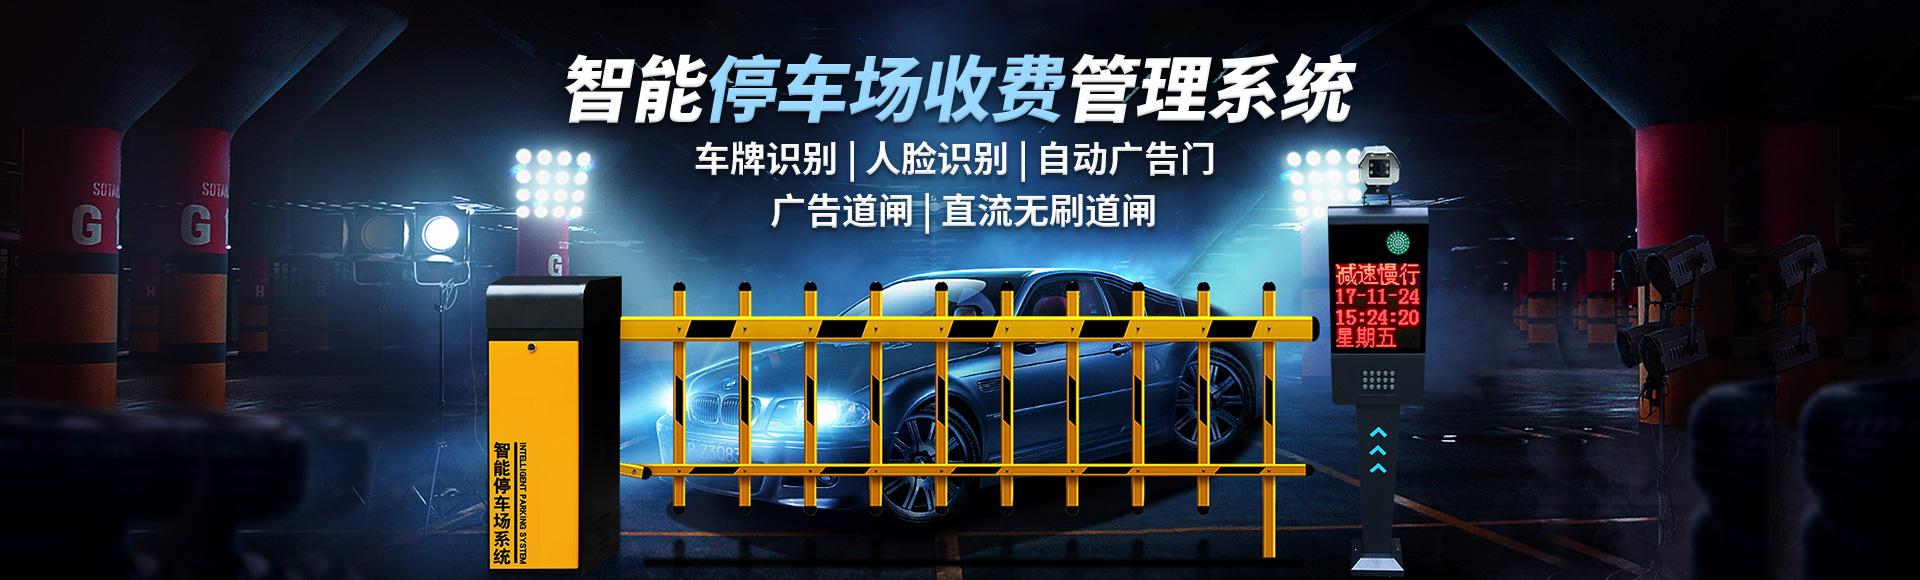 重庆智能停车识别系统